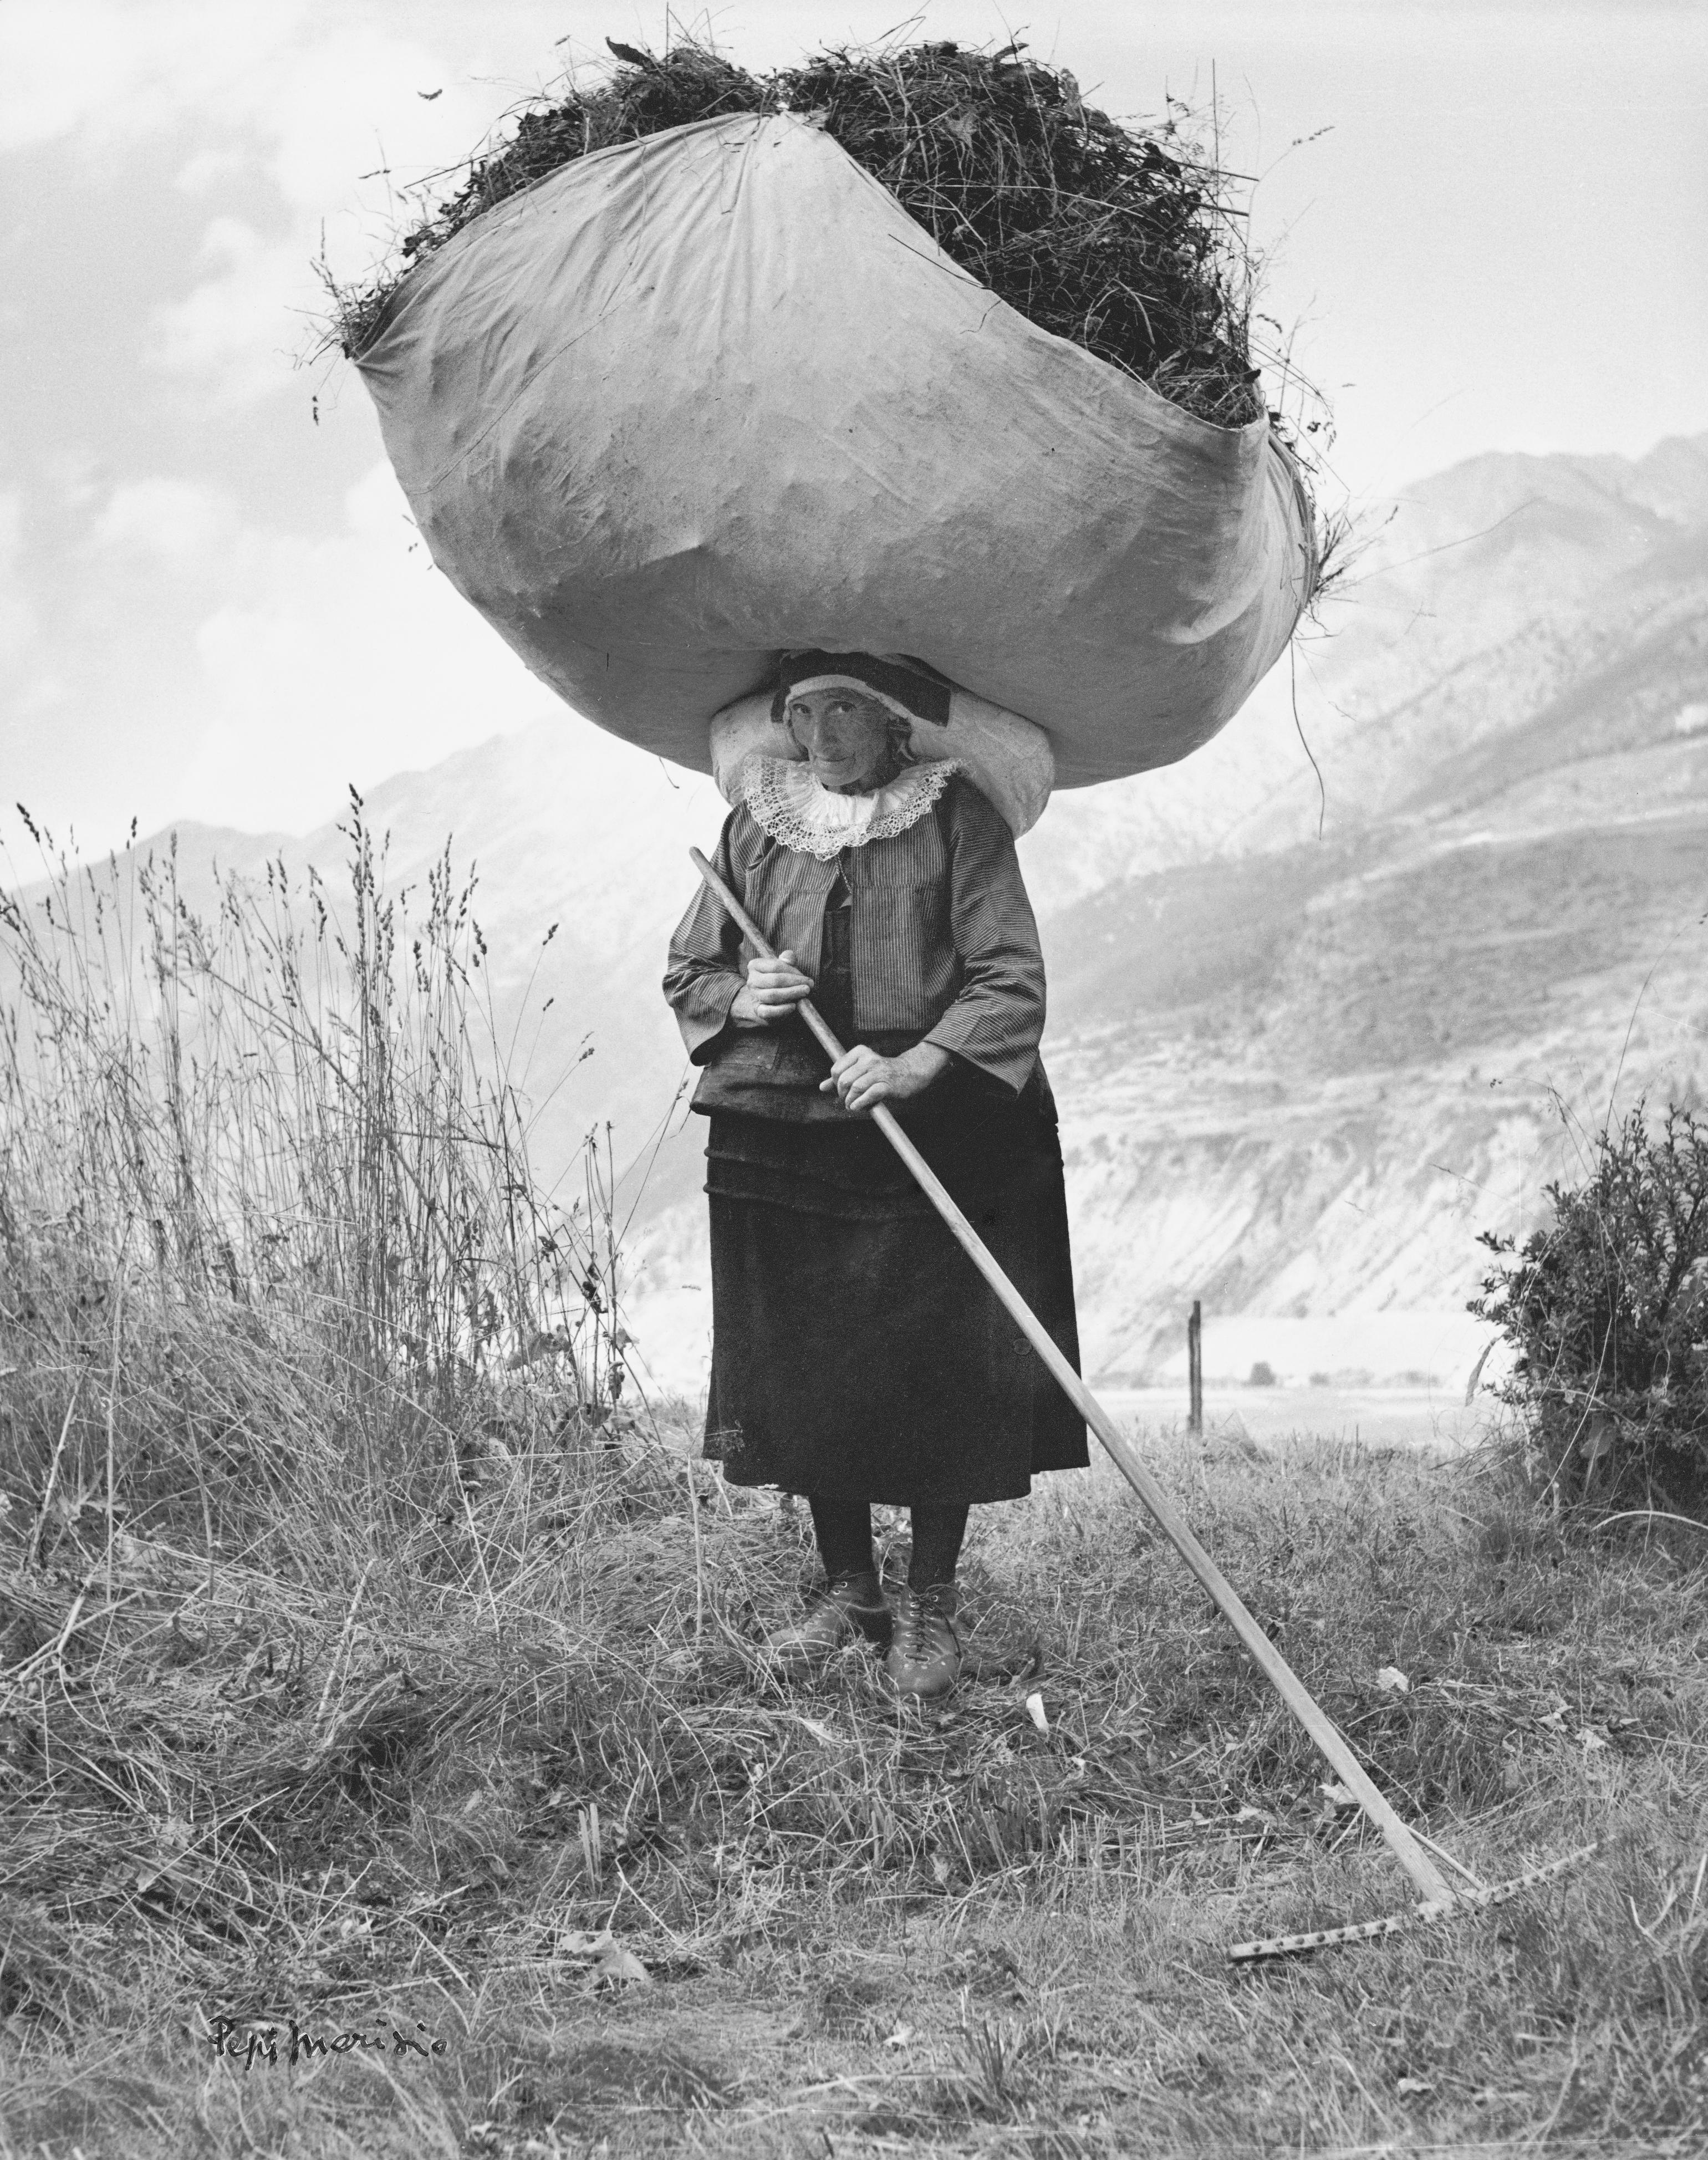 Cogne, 1959 (Pepi Merisio)